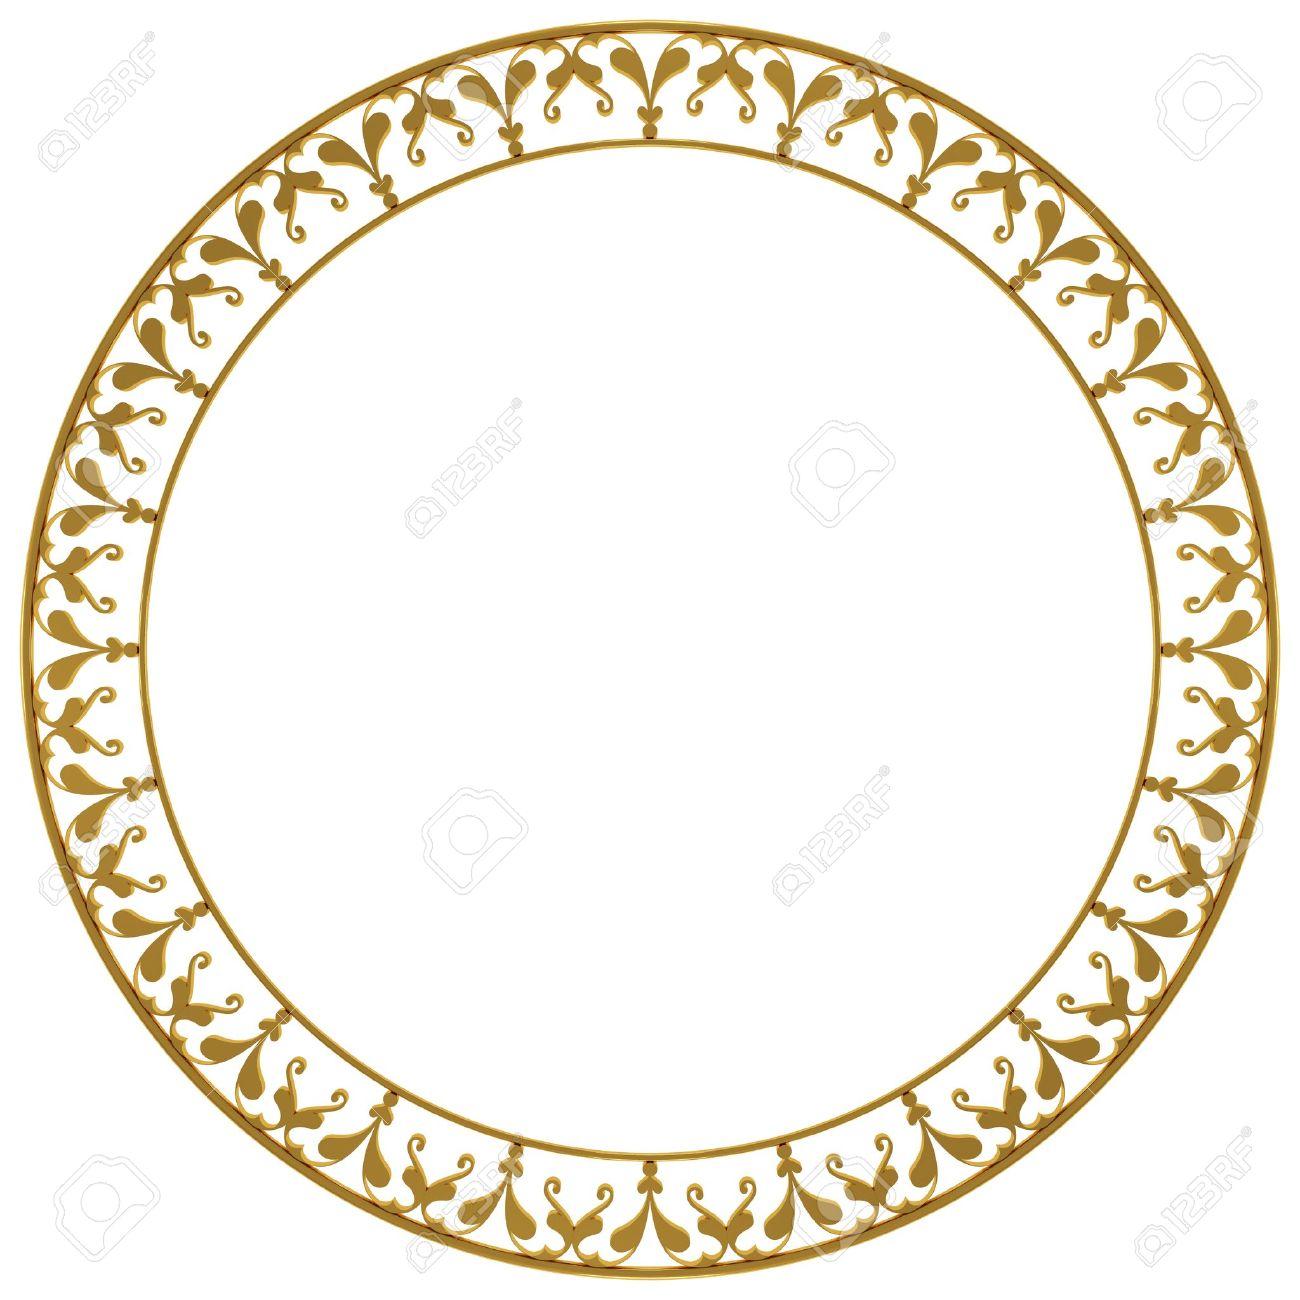 Round Rahmen Aus Gold Auf Einem Weißen Hintergrund Lizenzfreie Fotos ...